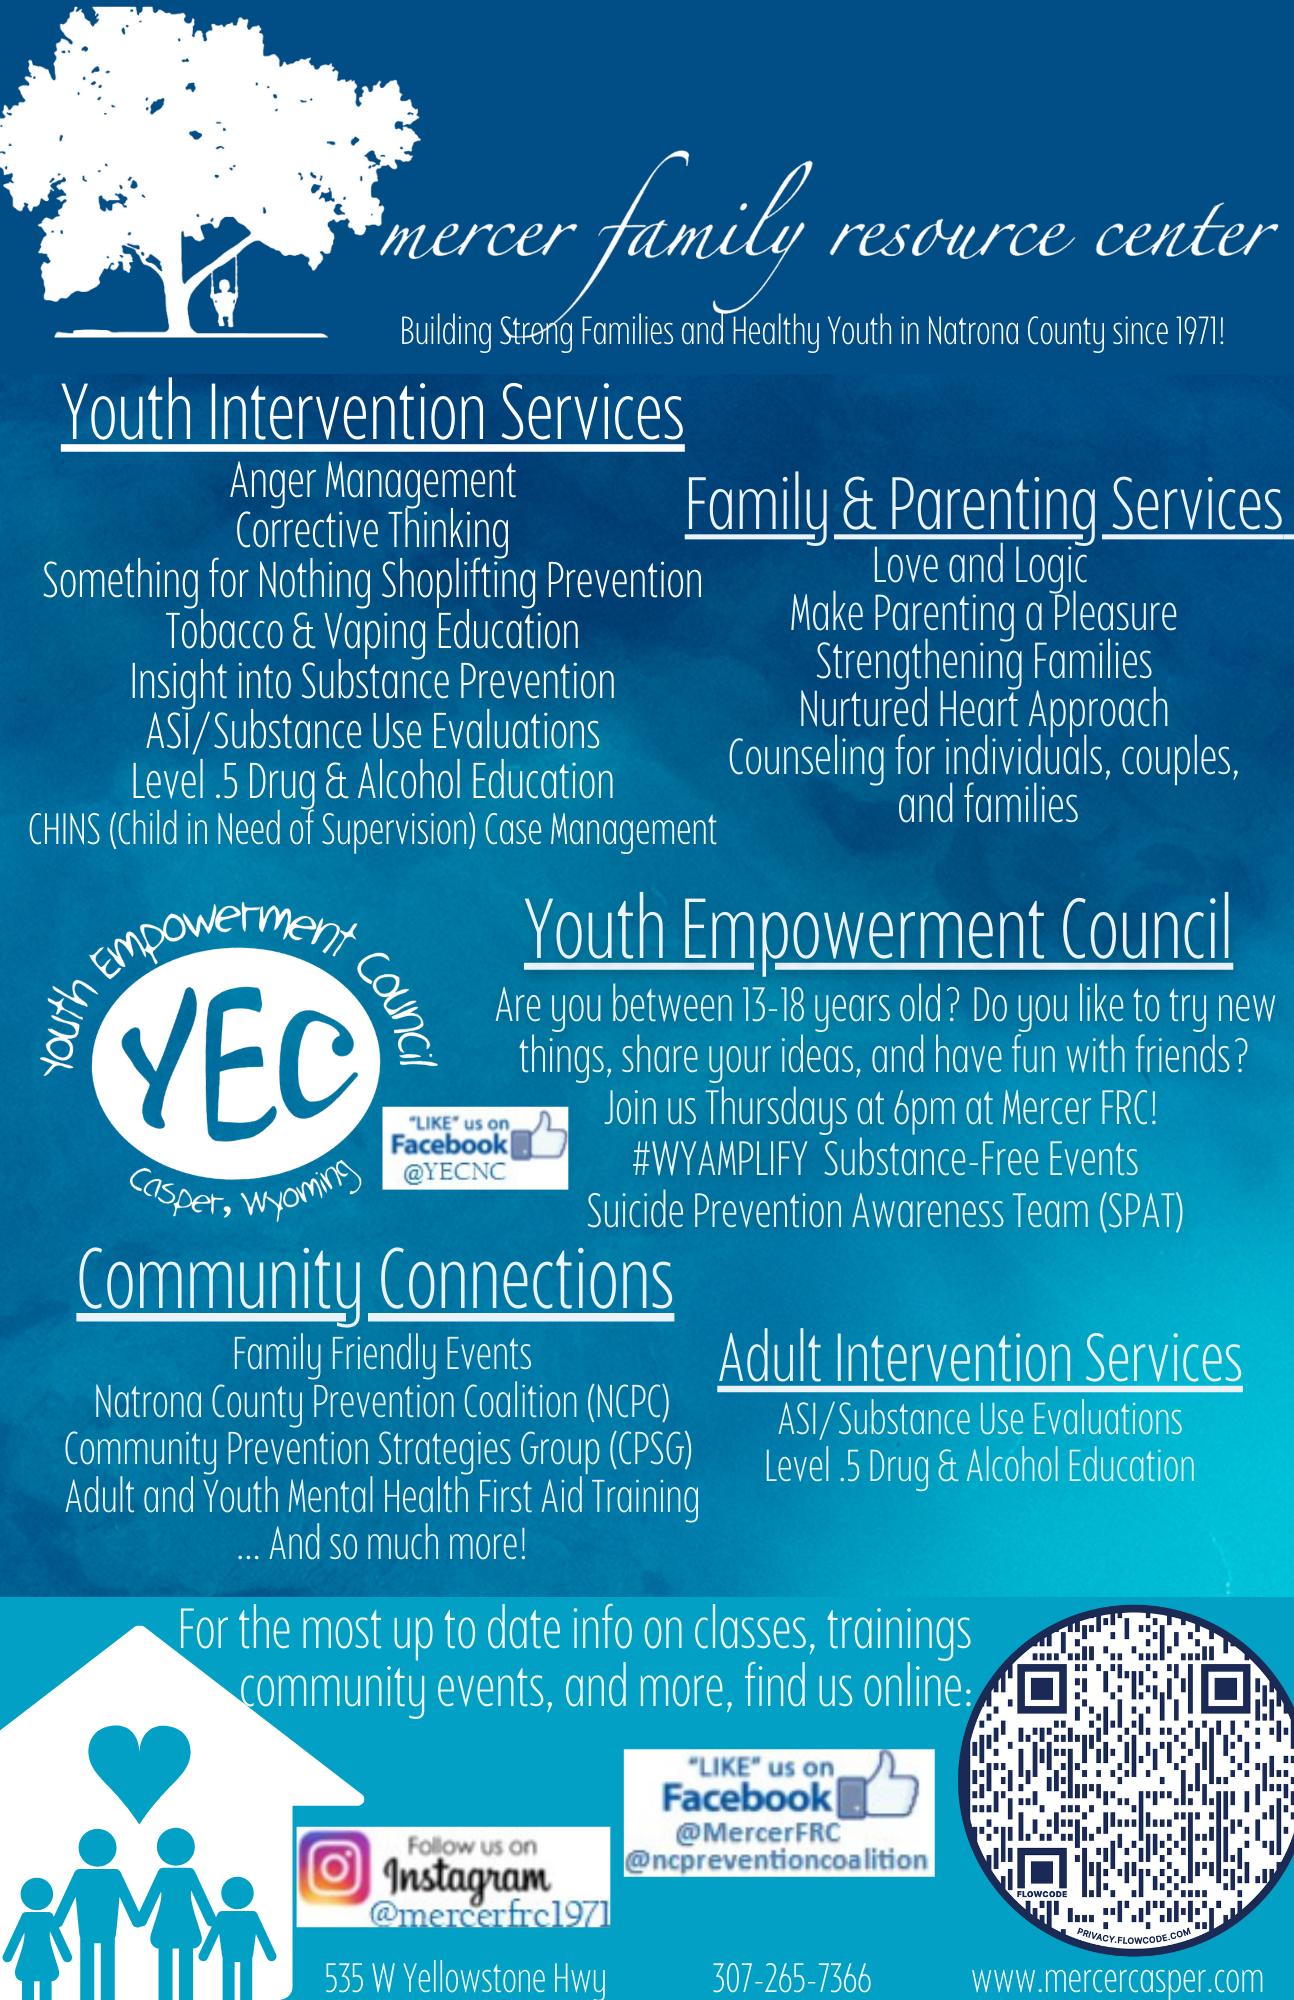 Mercer Family Resource Center Programs Flyer